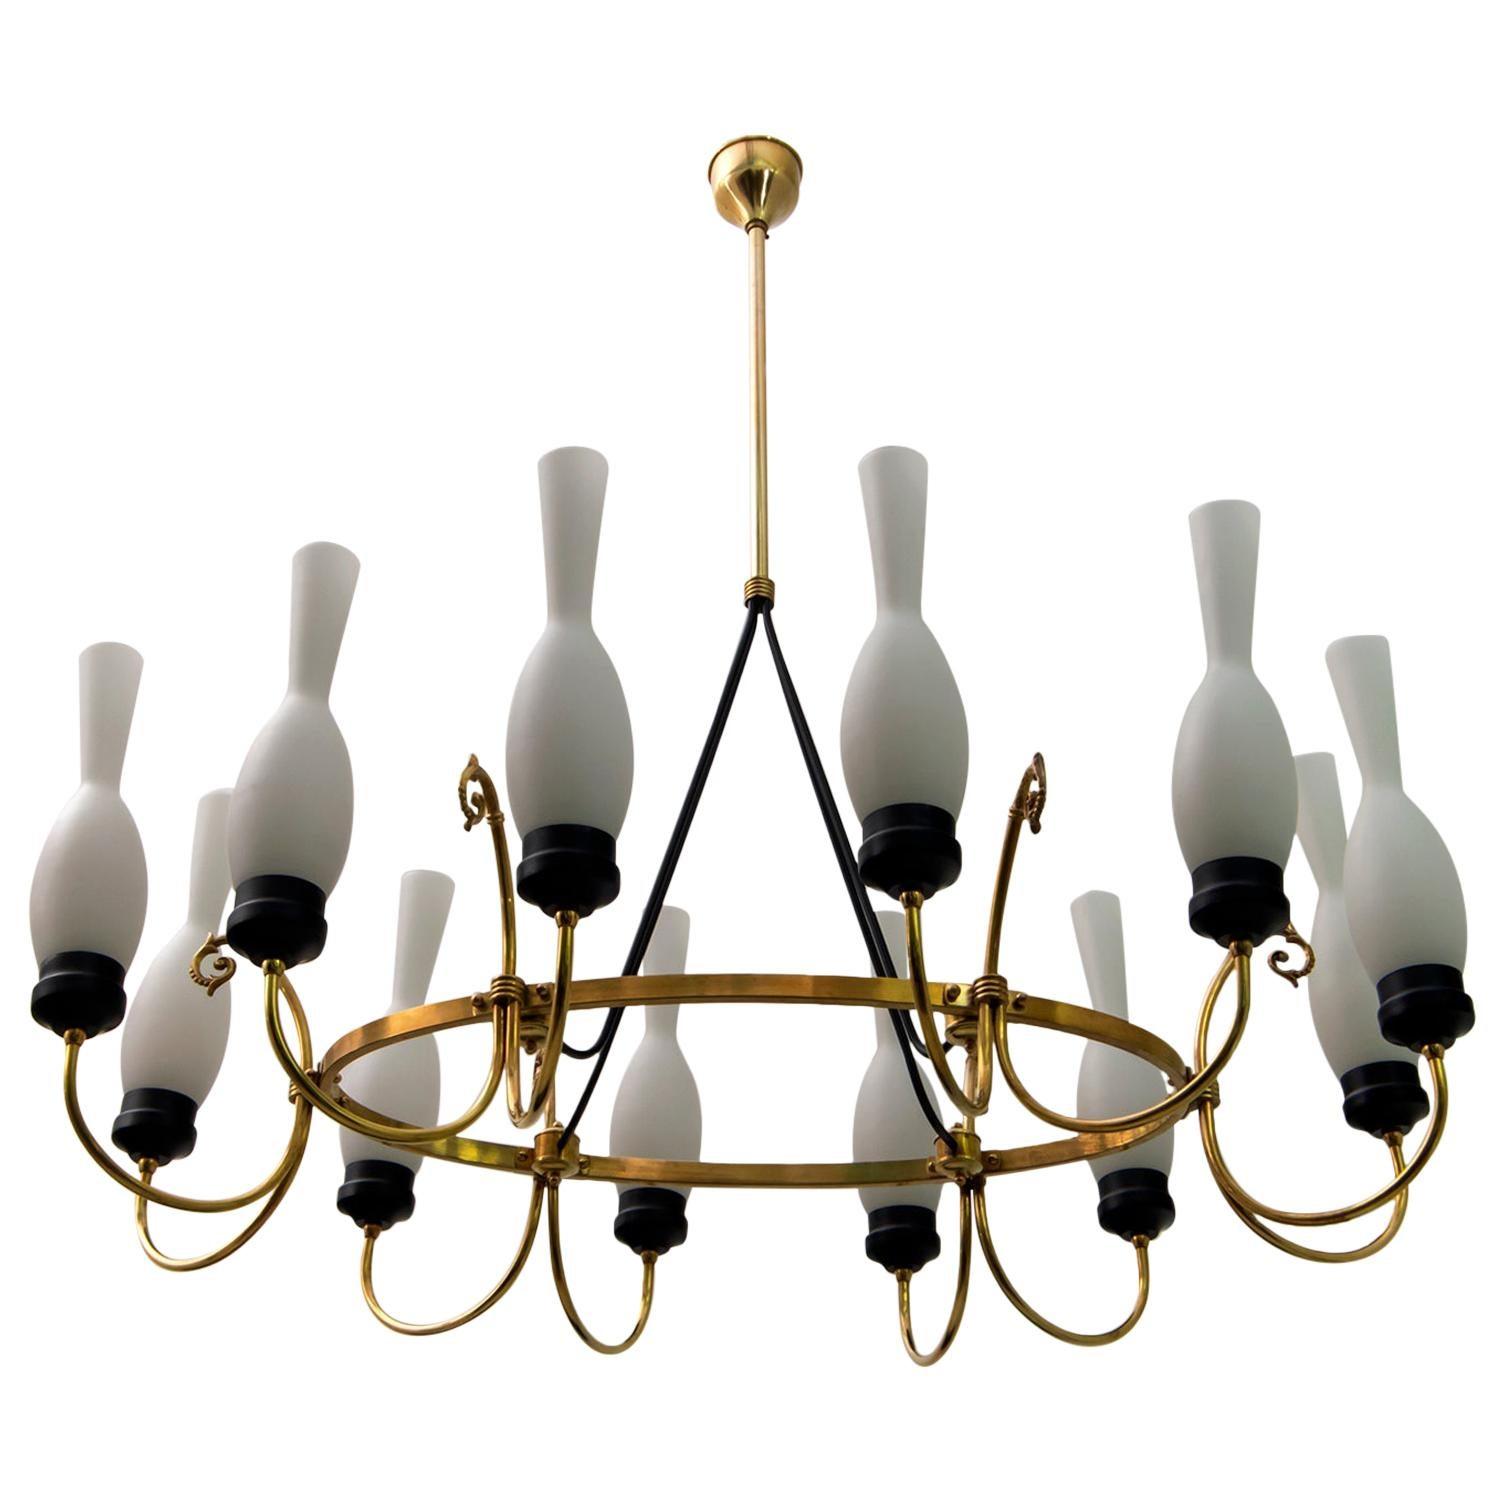 Arredoluce Mid-Century Modern Italian Brass and Opaline Glass Chandelier, 1950s